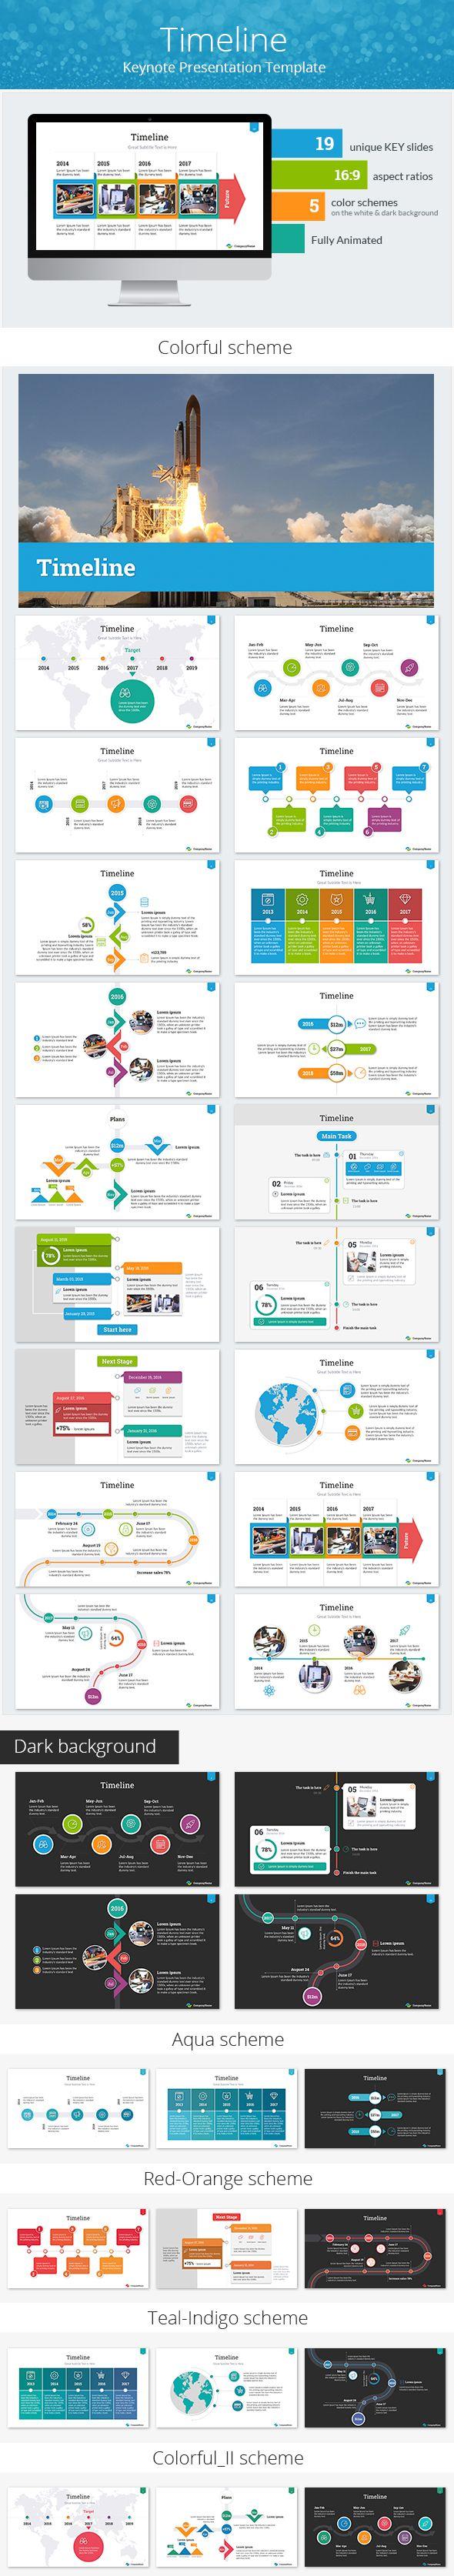 Timeline Keynote Presentation Template - 19 Unique Slides